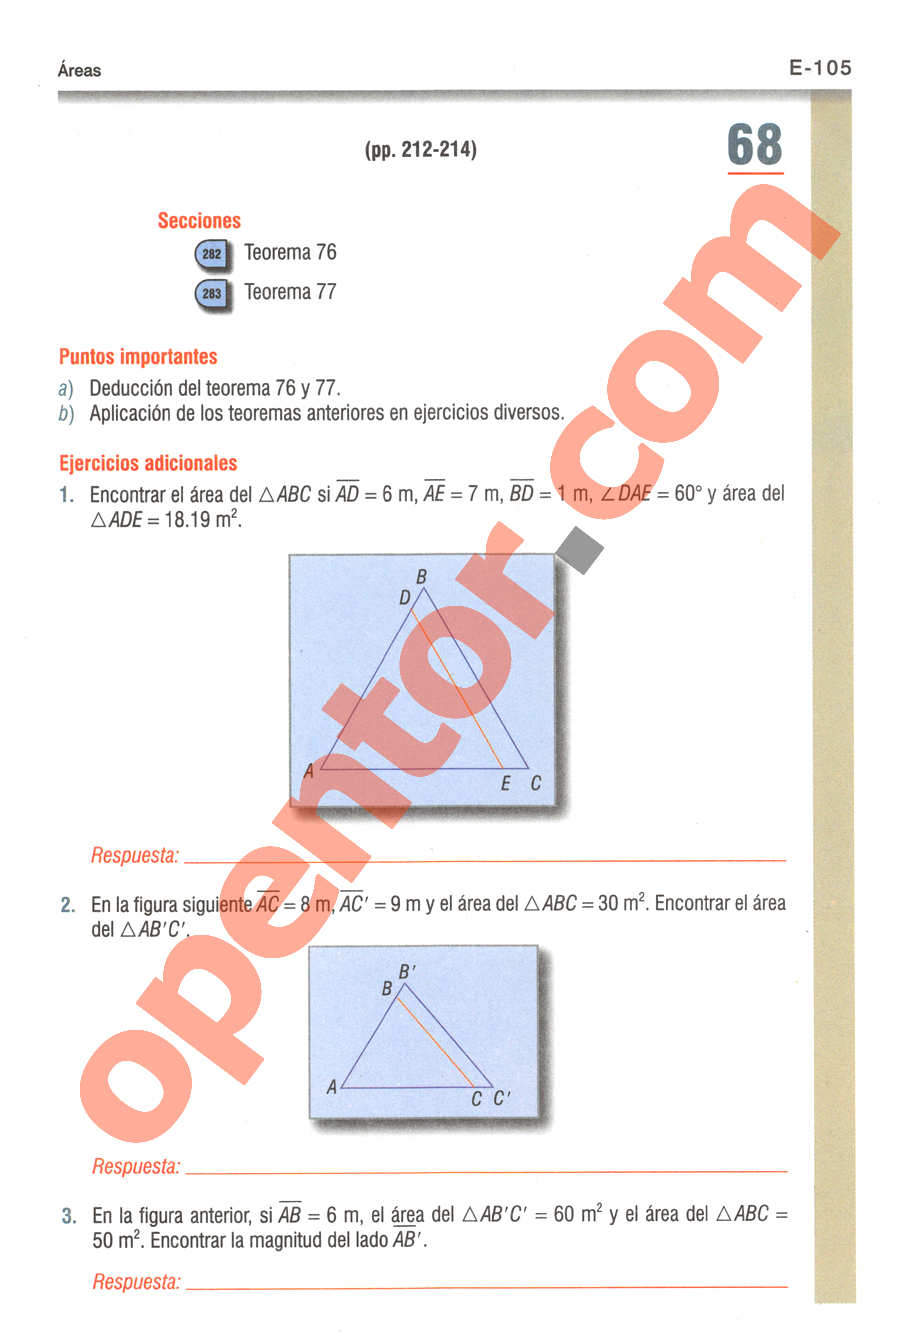 Geometría y Trigonometría de Baldor - Página E105